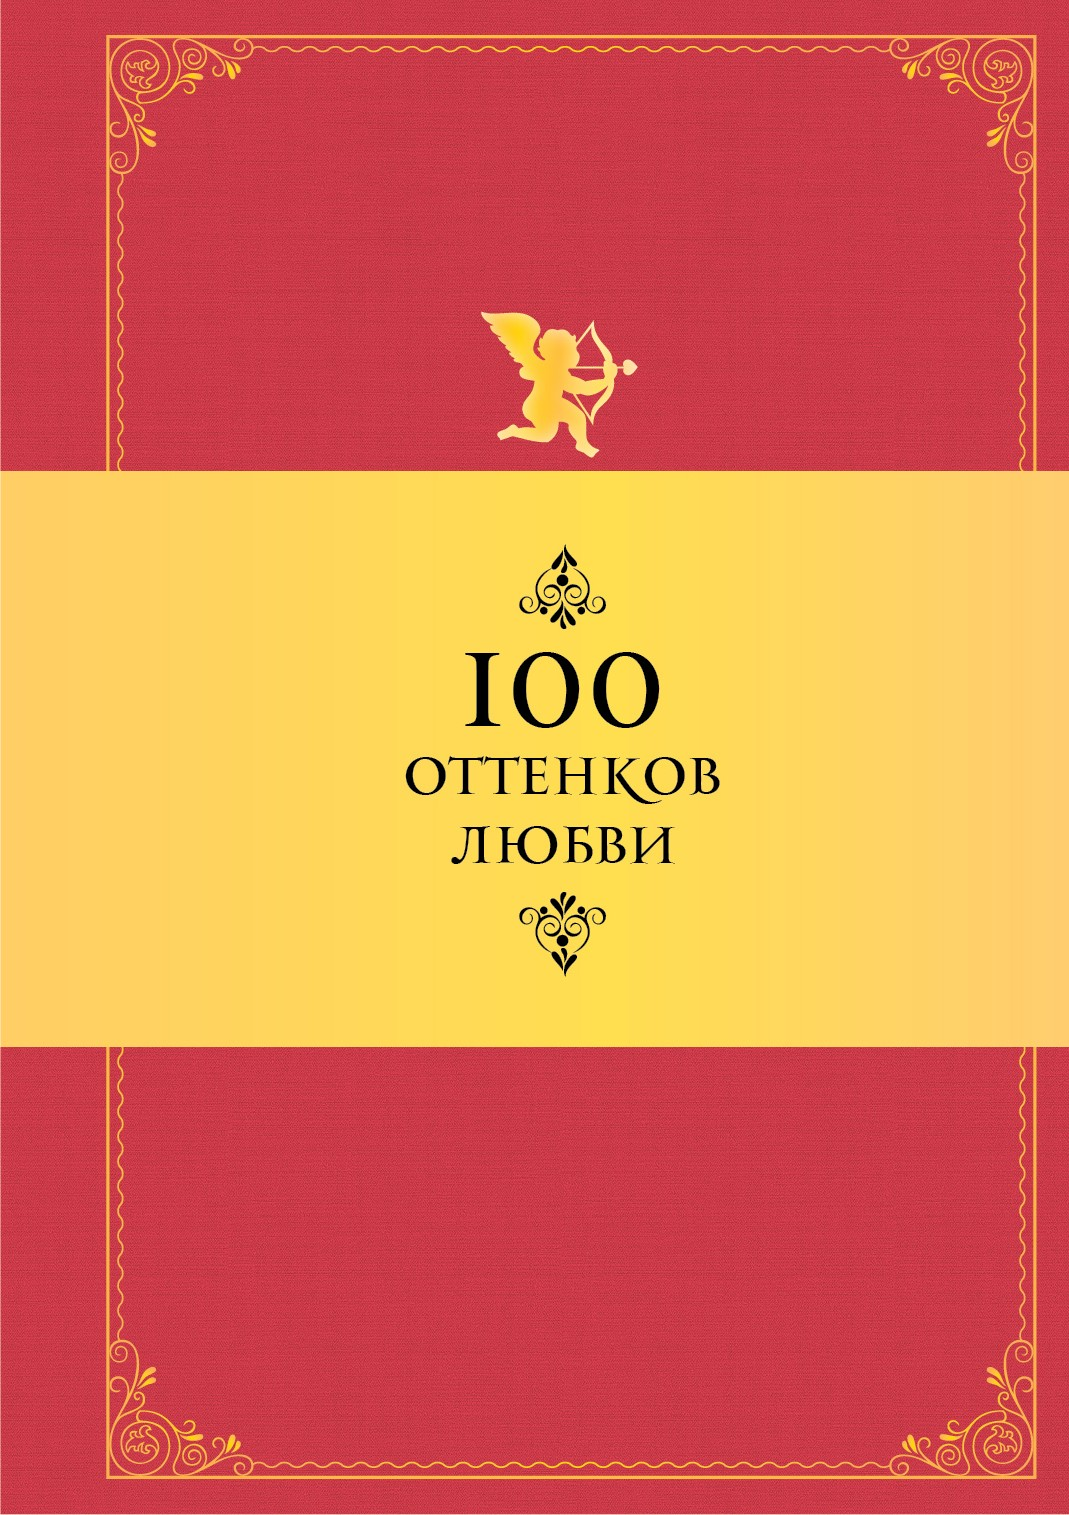 Константин Душенко 100 оттенков любви. Афоризмы и фразы